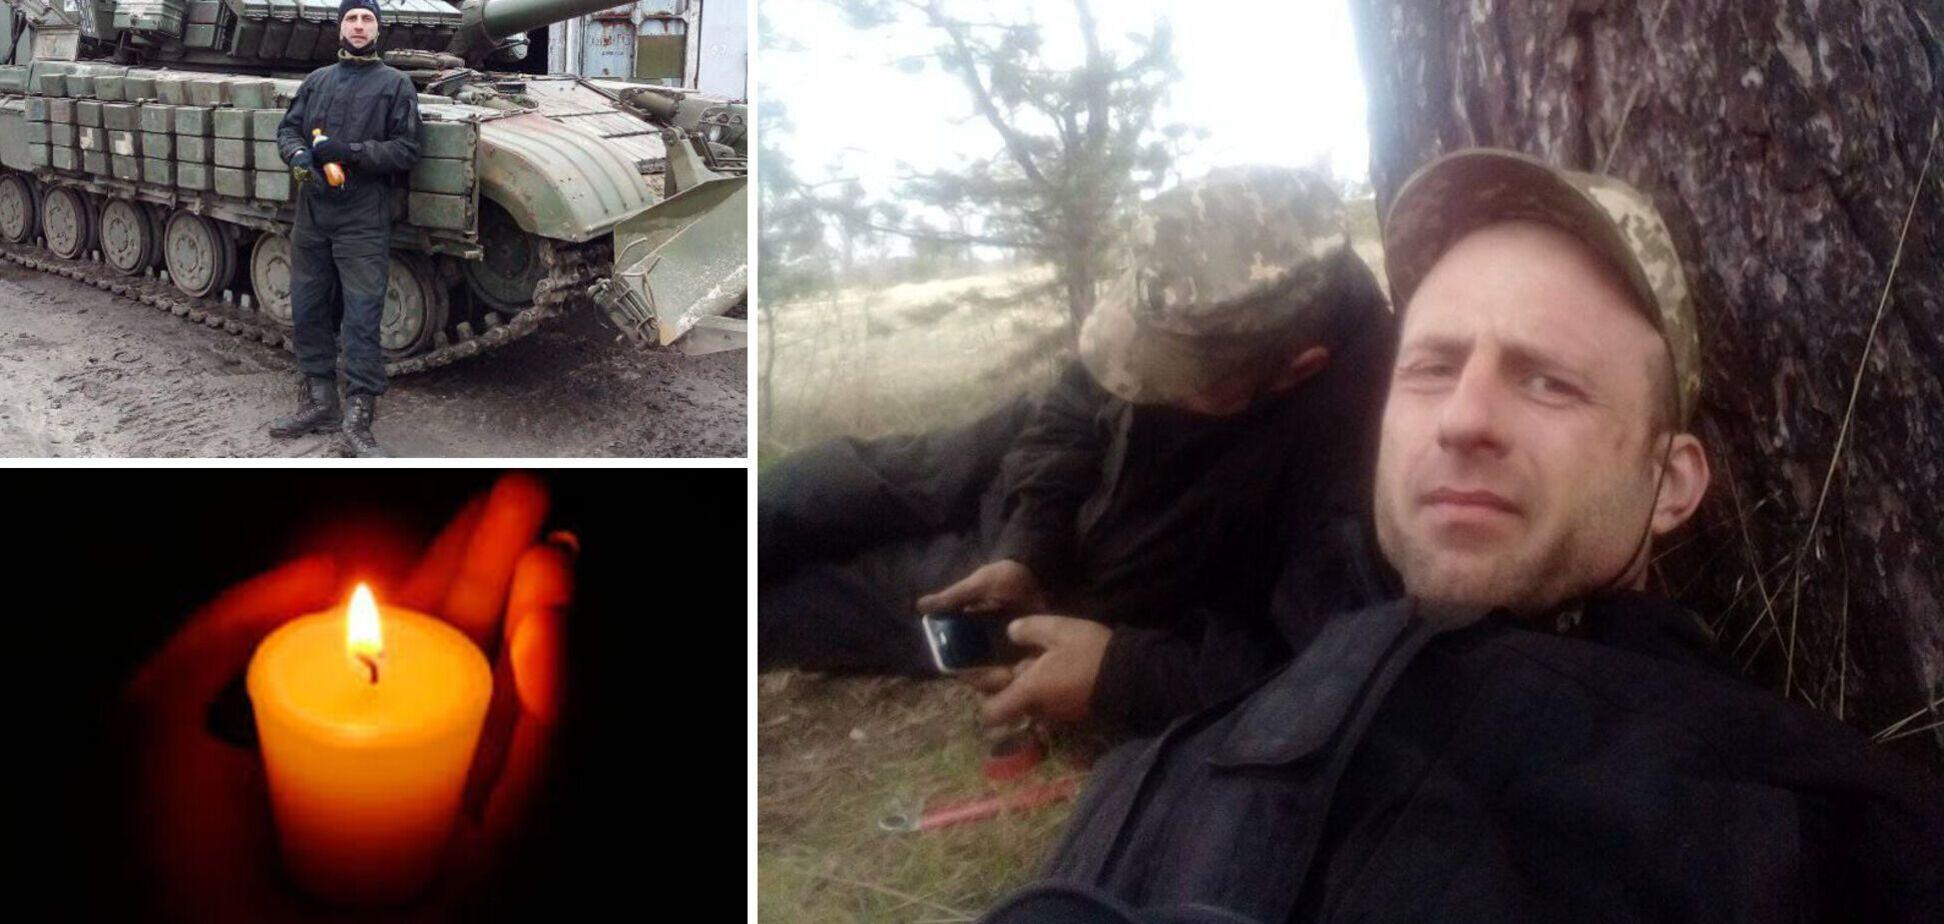 На Донбасі вбили ще одного захисника України, перед смертю він просив вибачення у дружини: подробиці